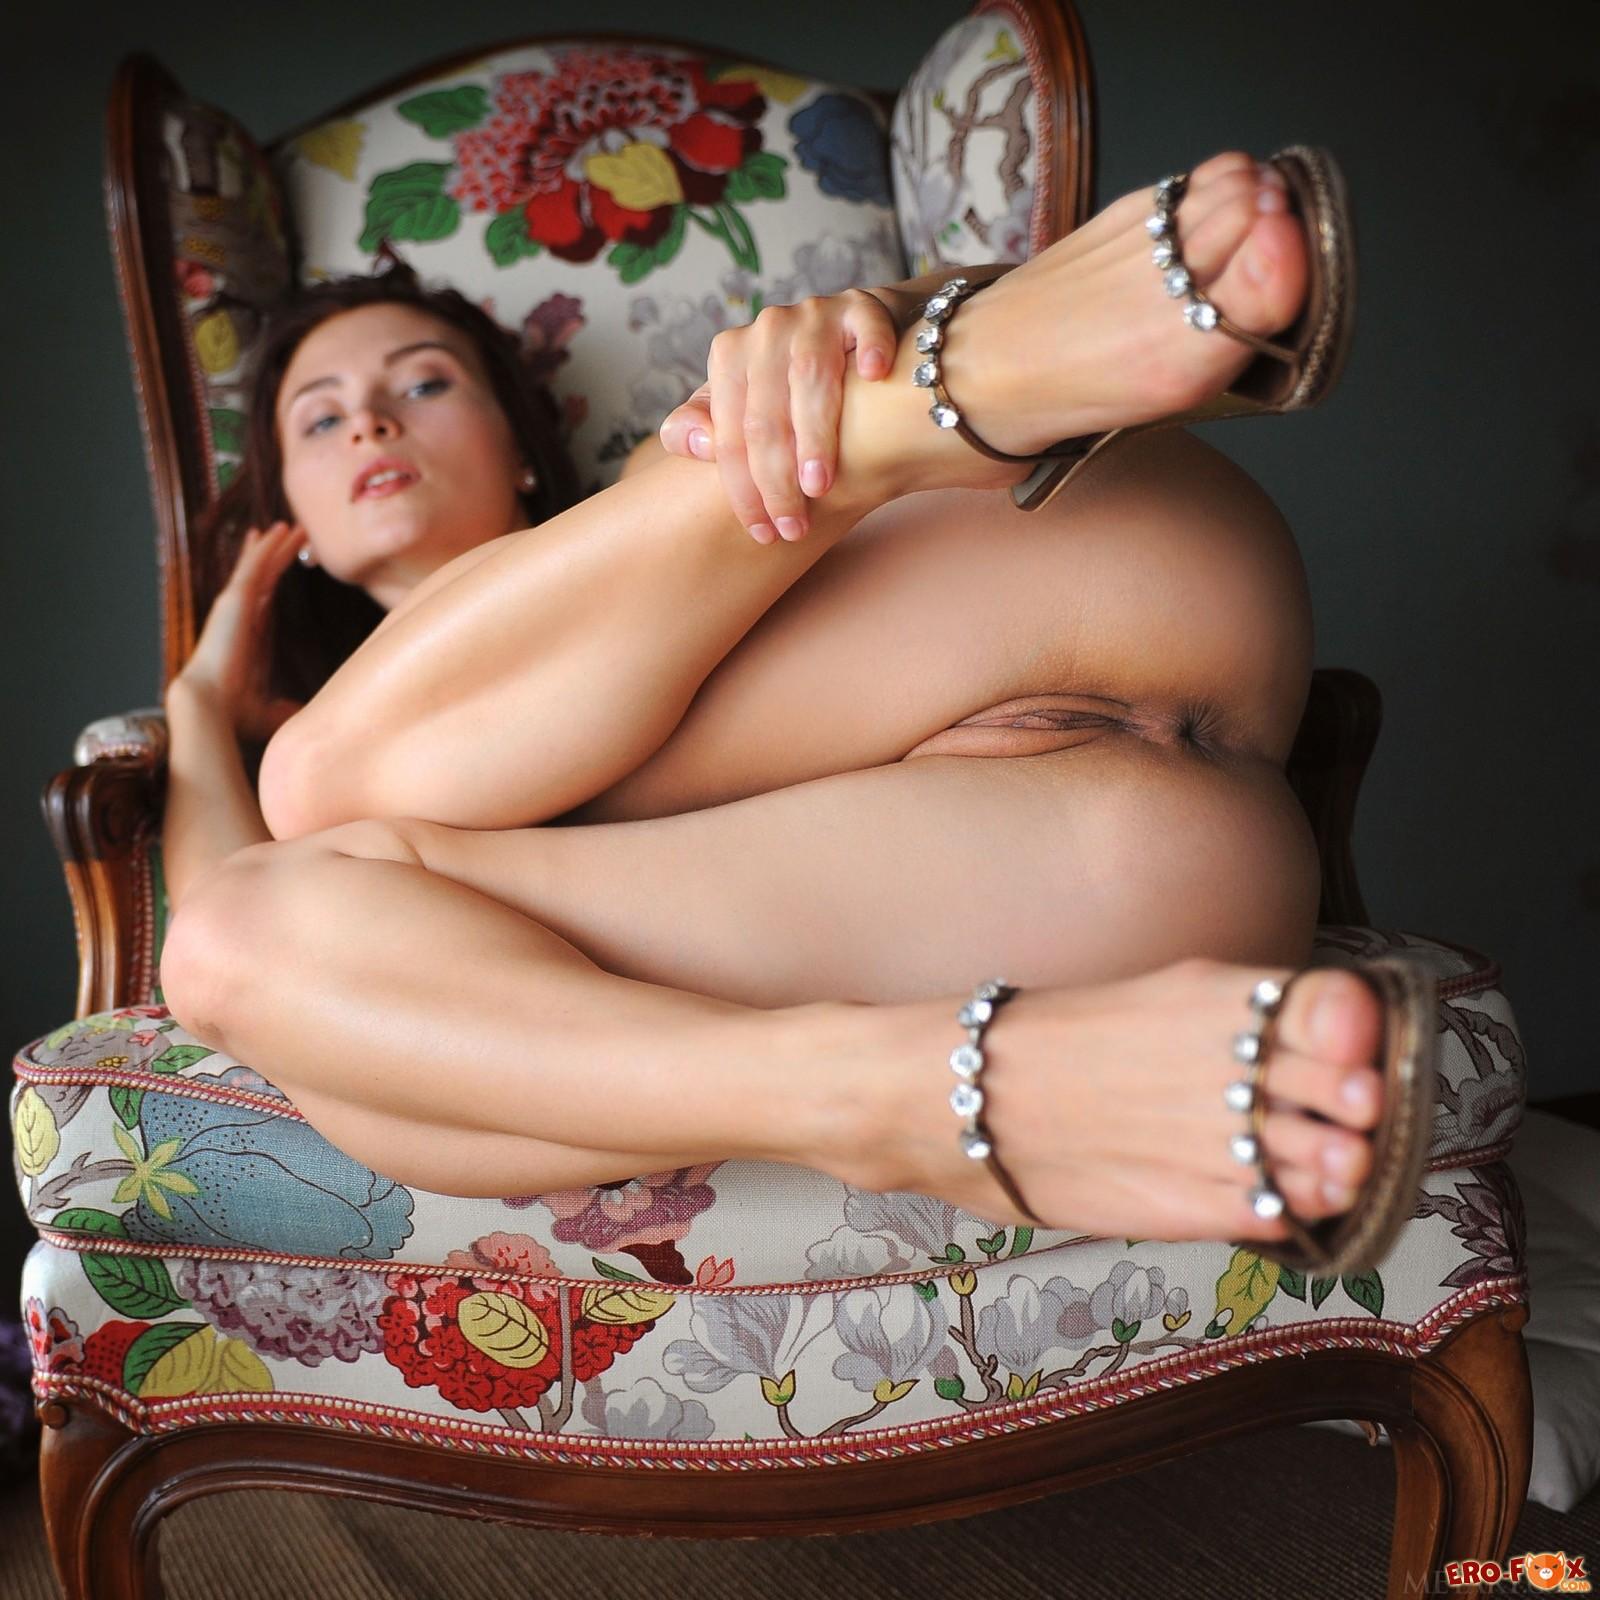 Красотка поднимает длинные ножки показывая письку